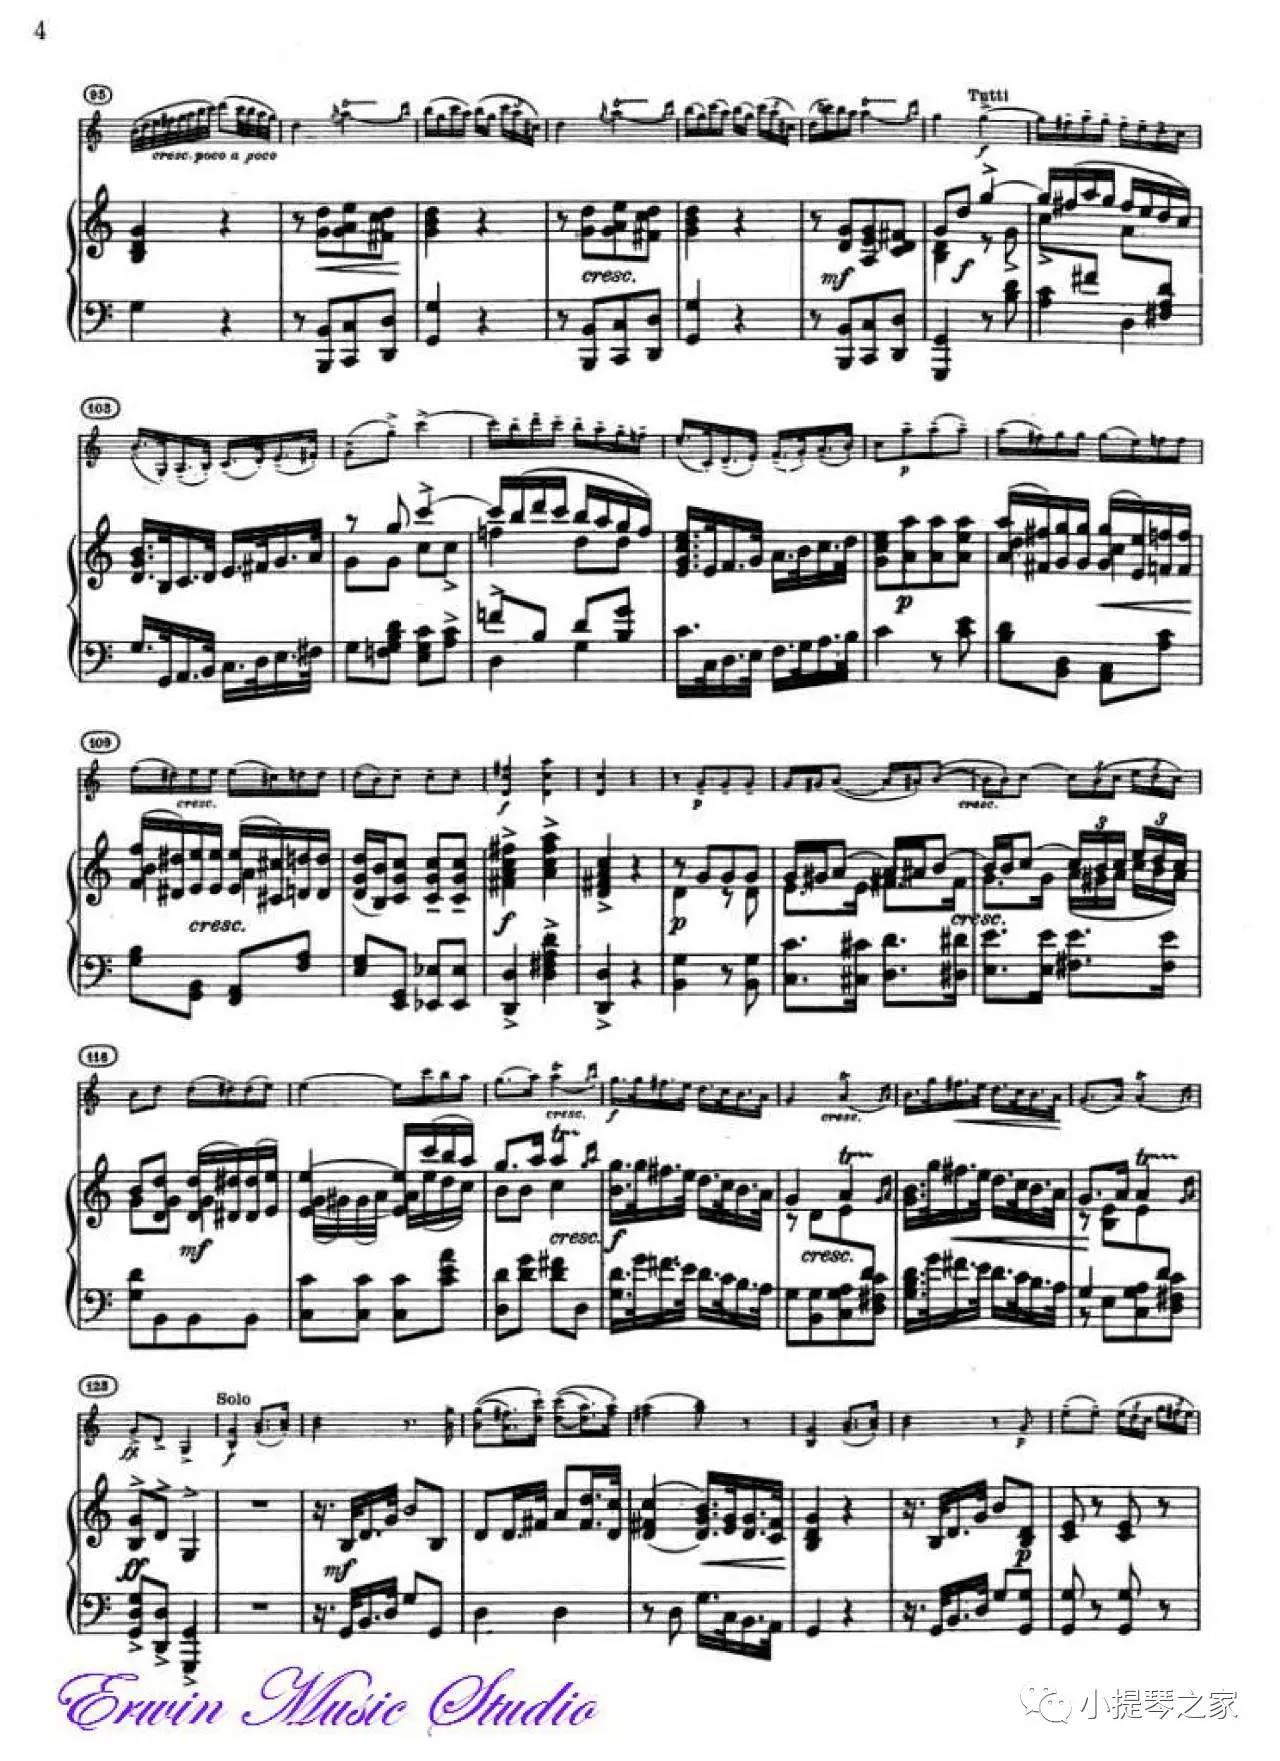 重的宫廷音乐 海顿C大调小提琴协奏曲 附乐谱 吉尔 沙汉姆演奏